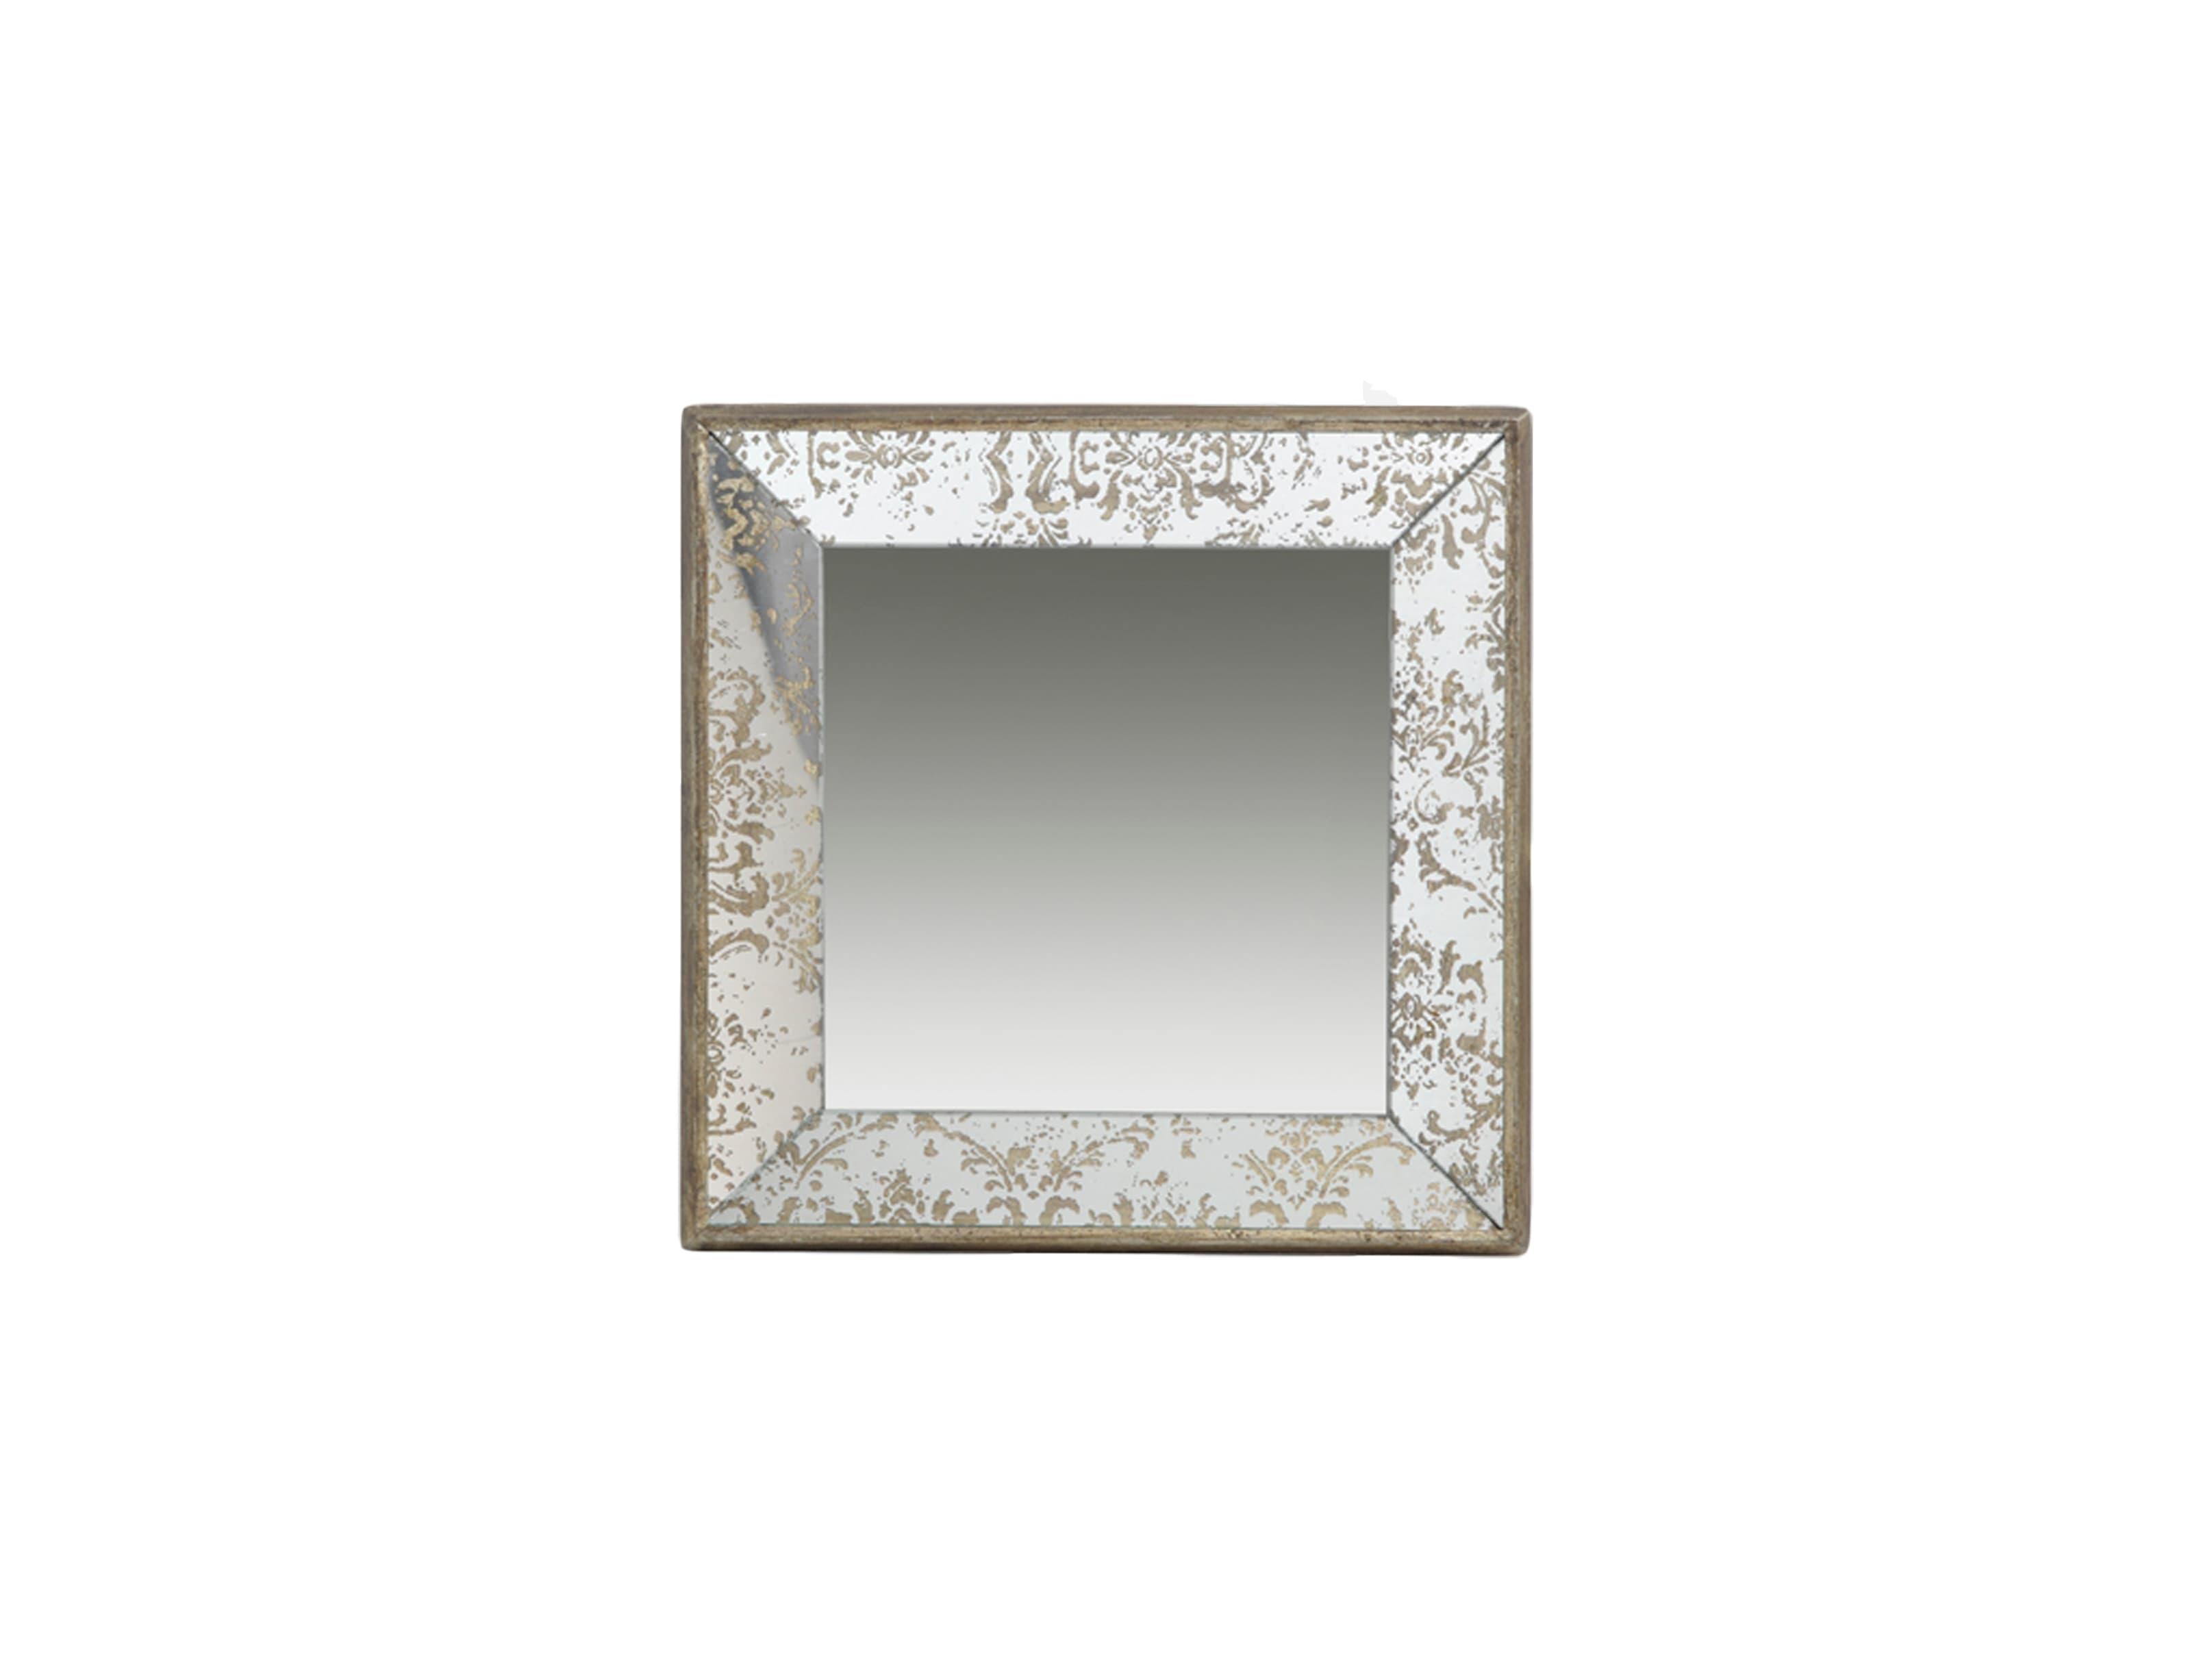 Зеркало-подносНастенные зеркала<br>Зеркало настенное квадратное с декорированной рамкой.Можно использовать в качестве подноса.<br><br>Material: Стекло